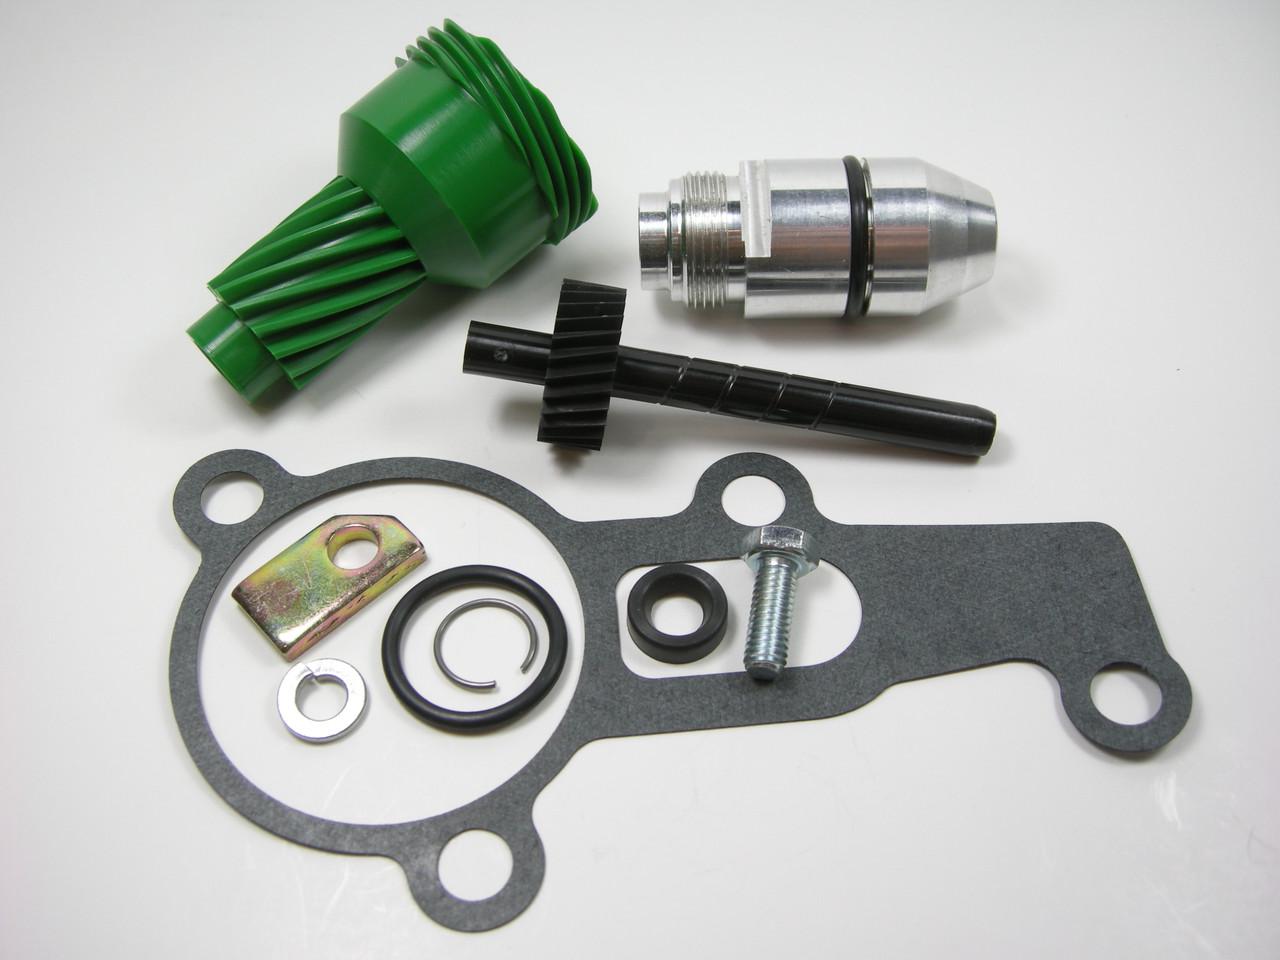 10 & 27 Tooth 2004R Complete Speedometer Kit w/ Gasket Gears Housing 200-4R